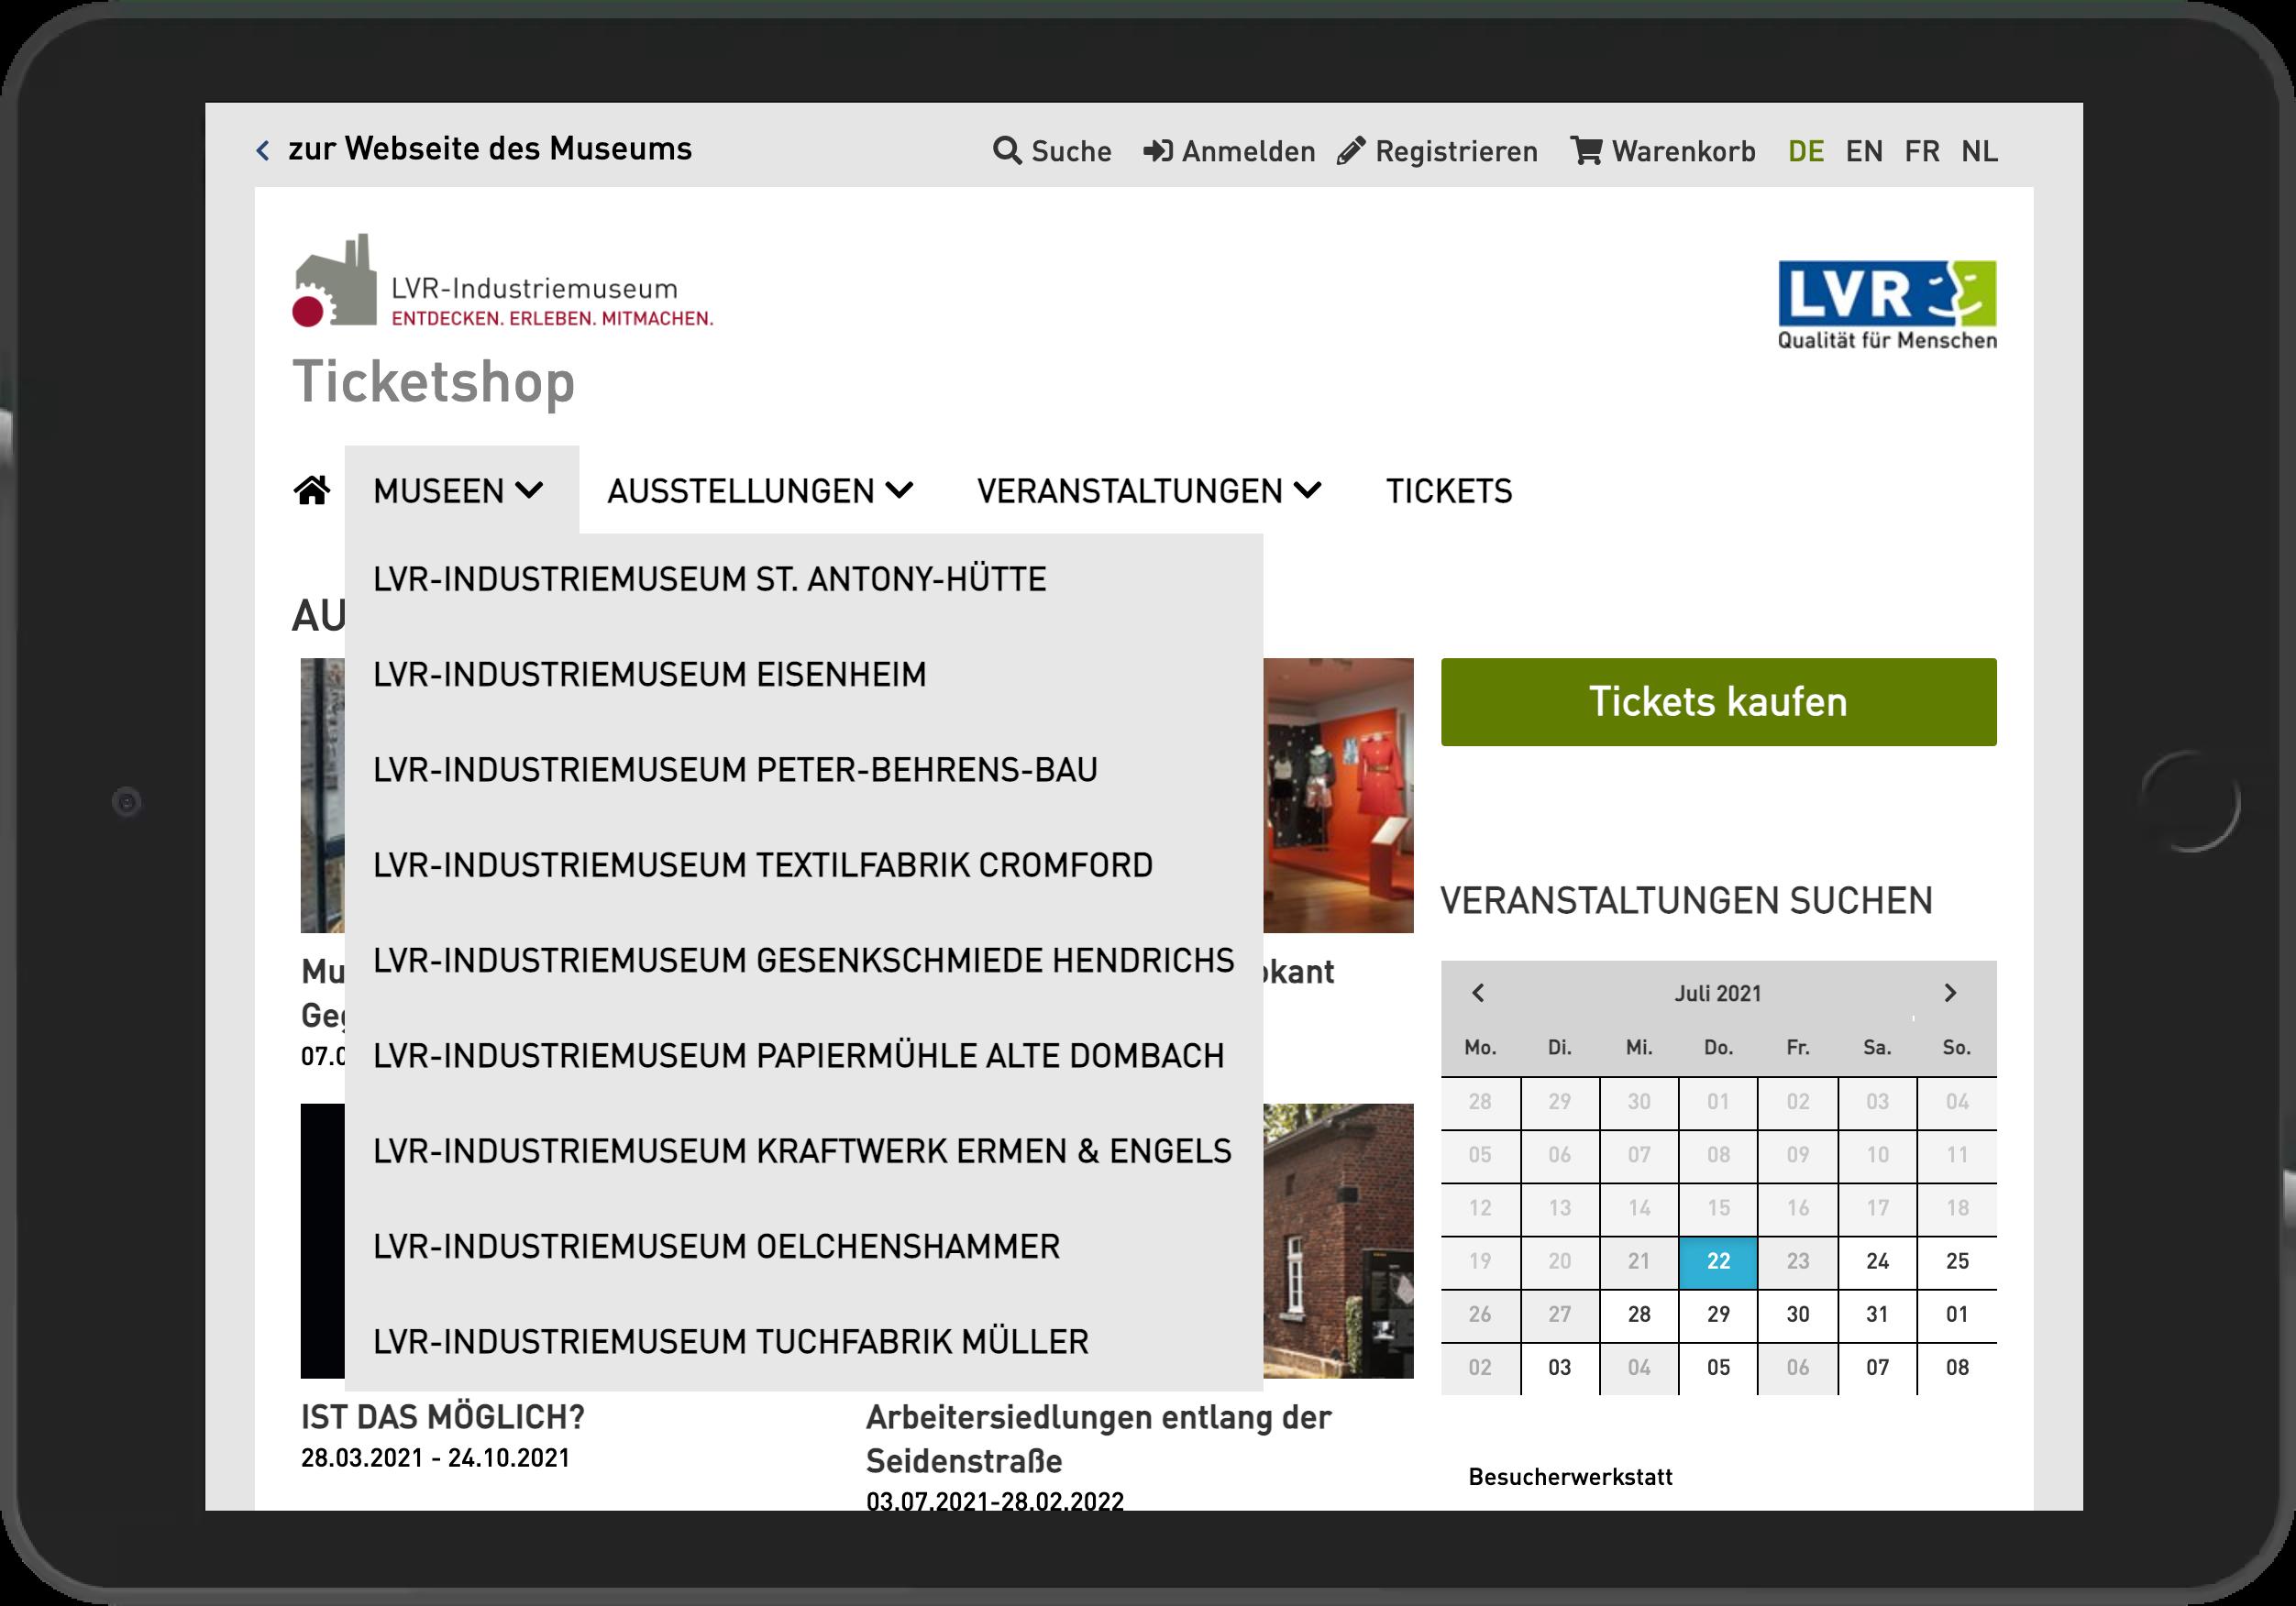 Screenshot der Startseite des gemeinsamen Online Shop der neun LVR-Industriemuseen